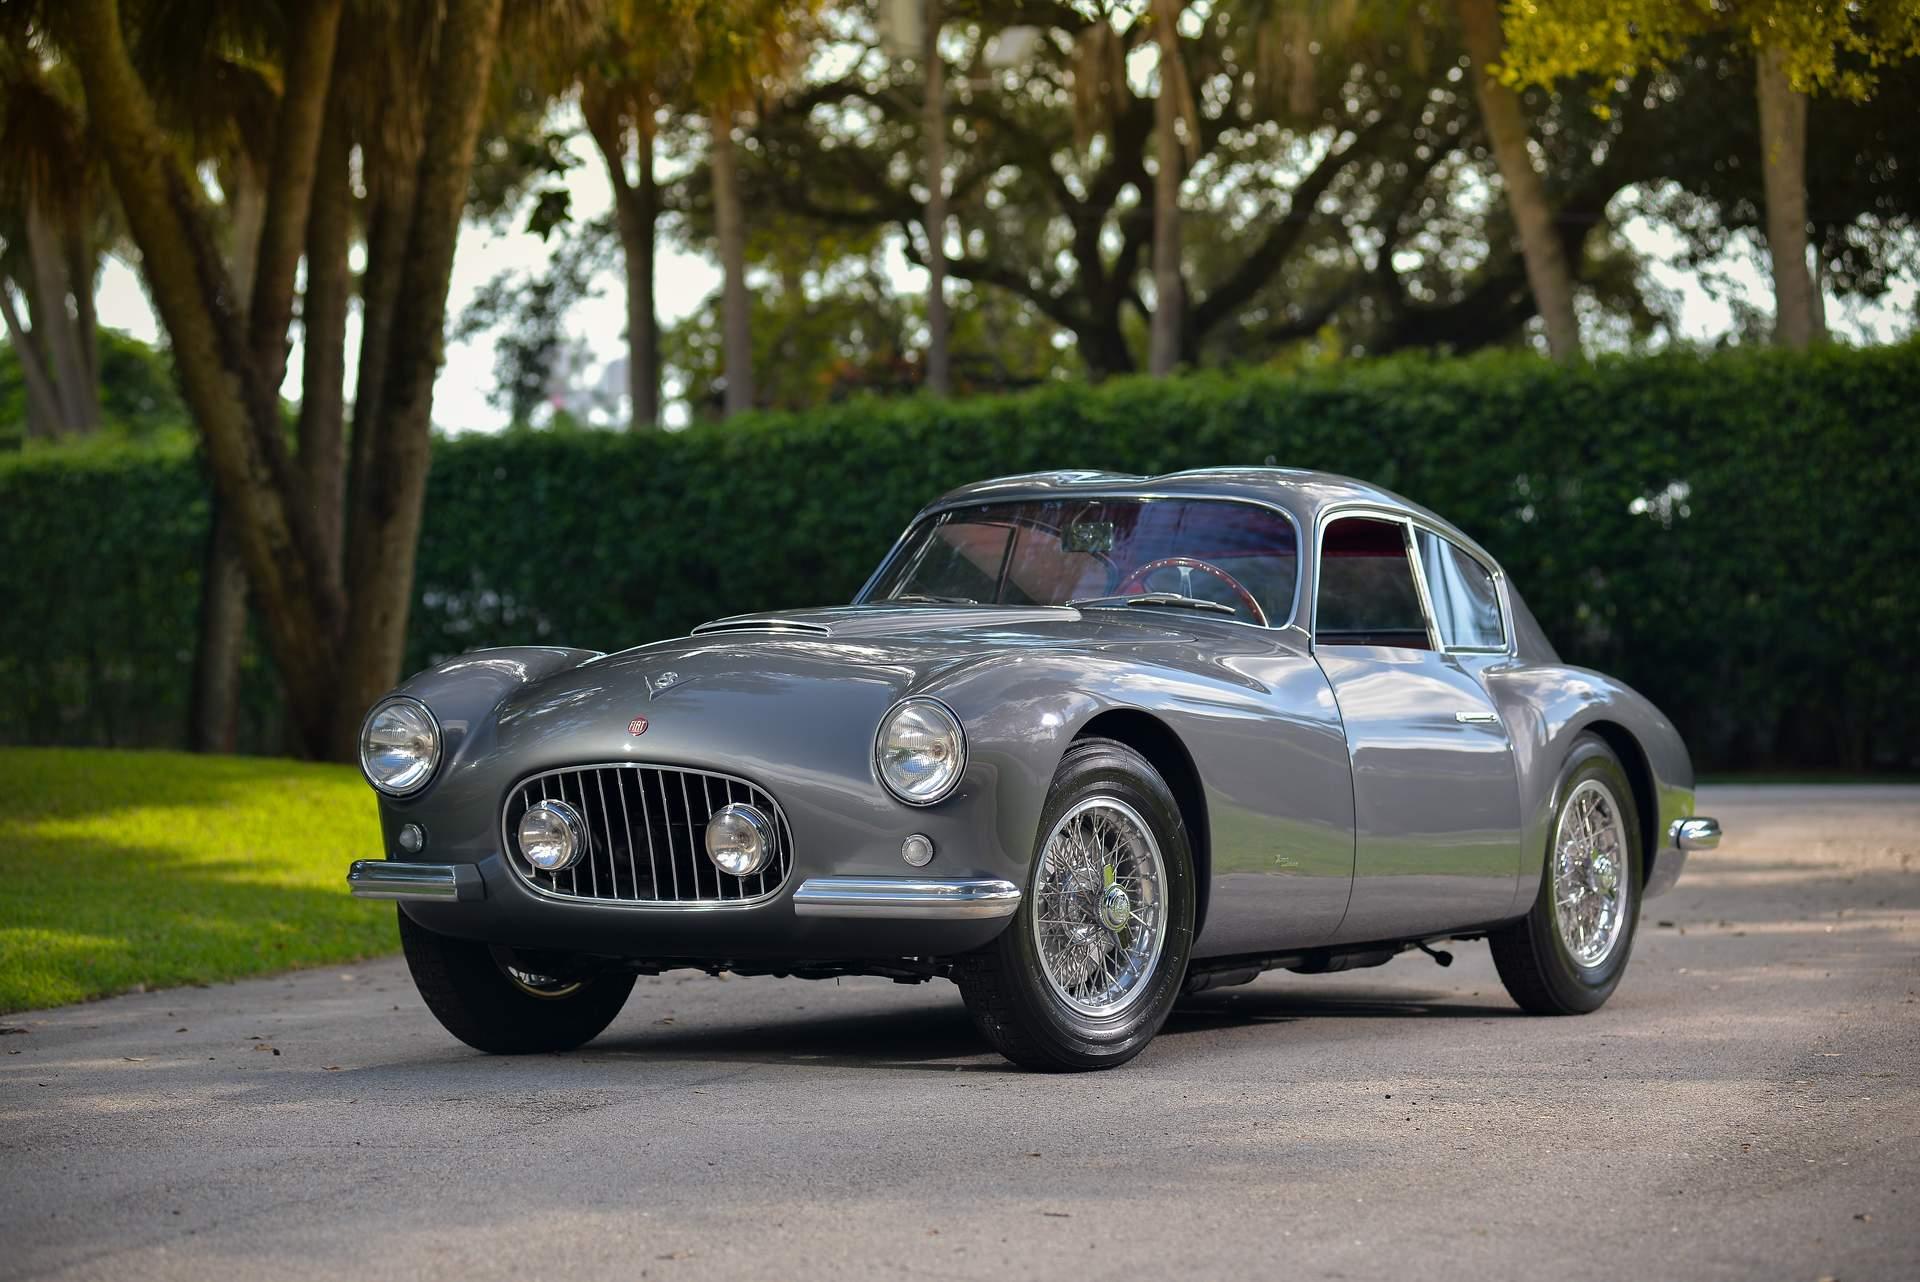 Arizona Classic Cars Scottsdale